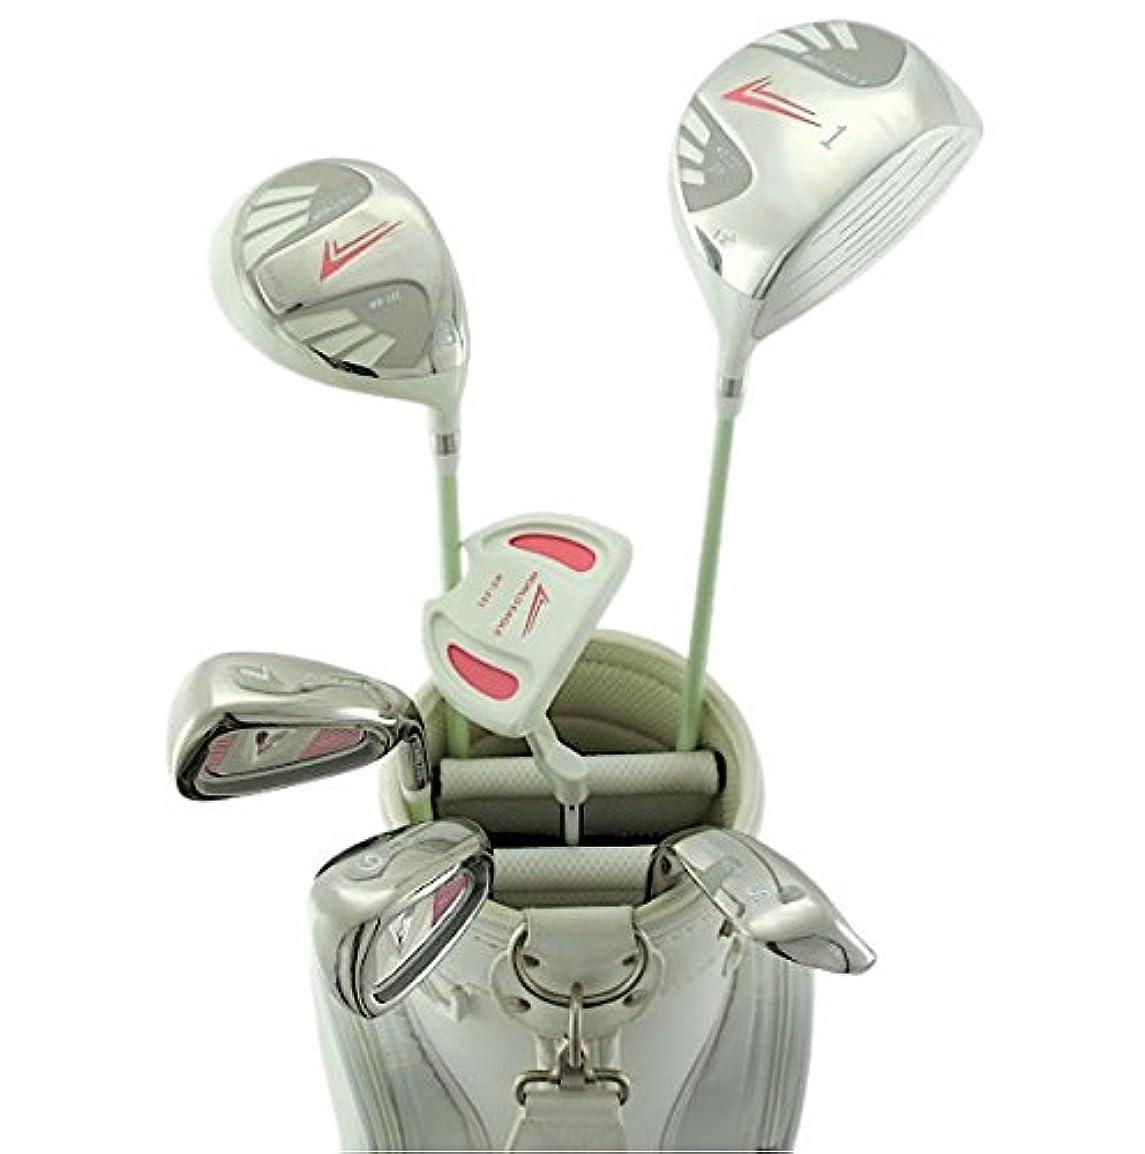 ブローアコーみぞれWORLD EAGLE(ワールドイーグル) 101 レディース ゴルフ ハーフセット 右用 ホワイト